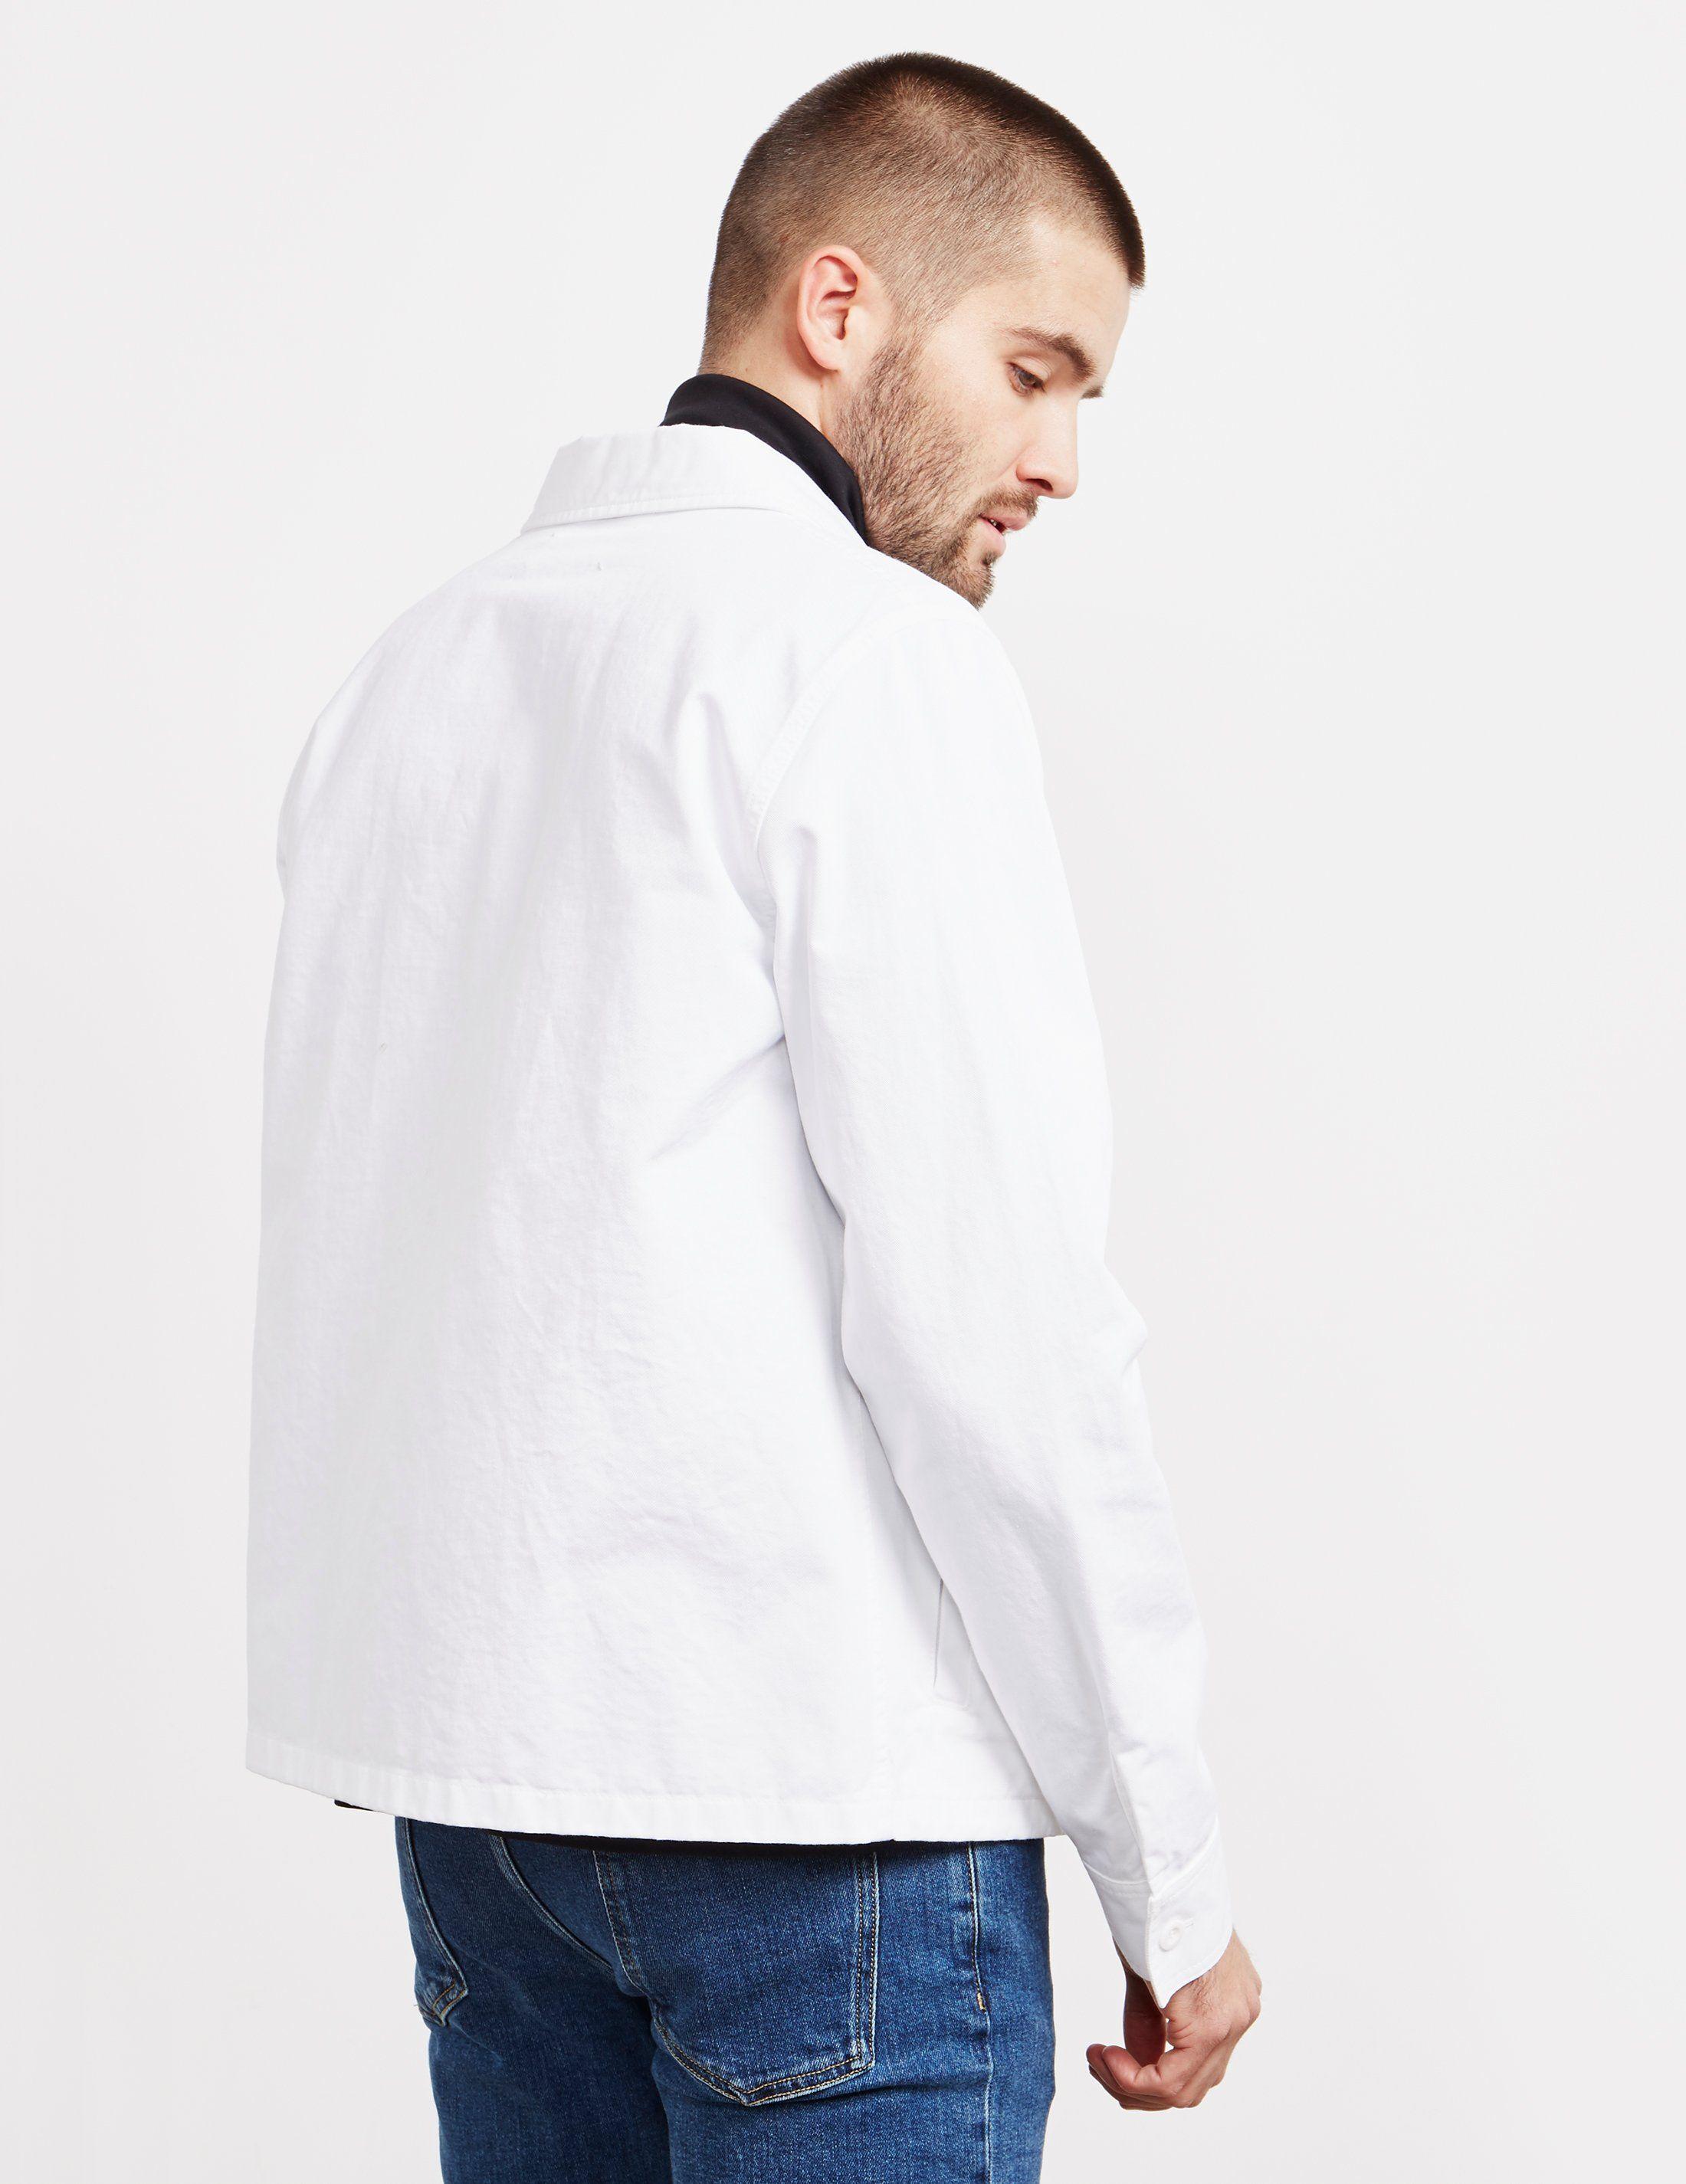 Maison Margiela Button Shirt Jacket - Online Exclusive